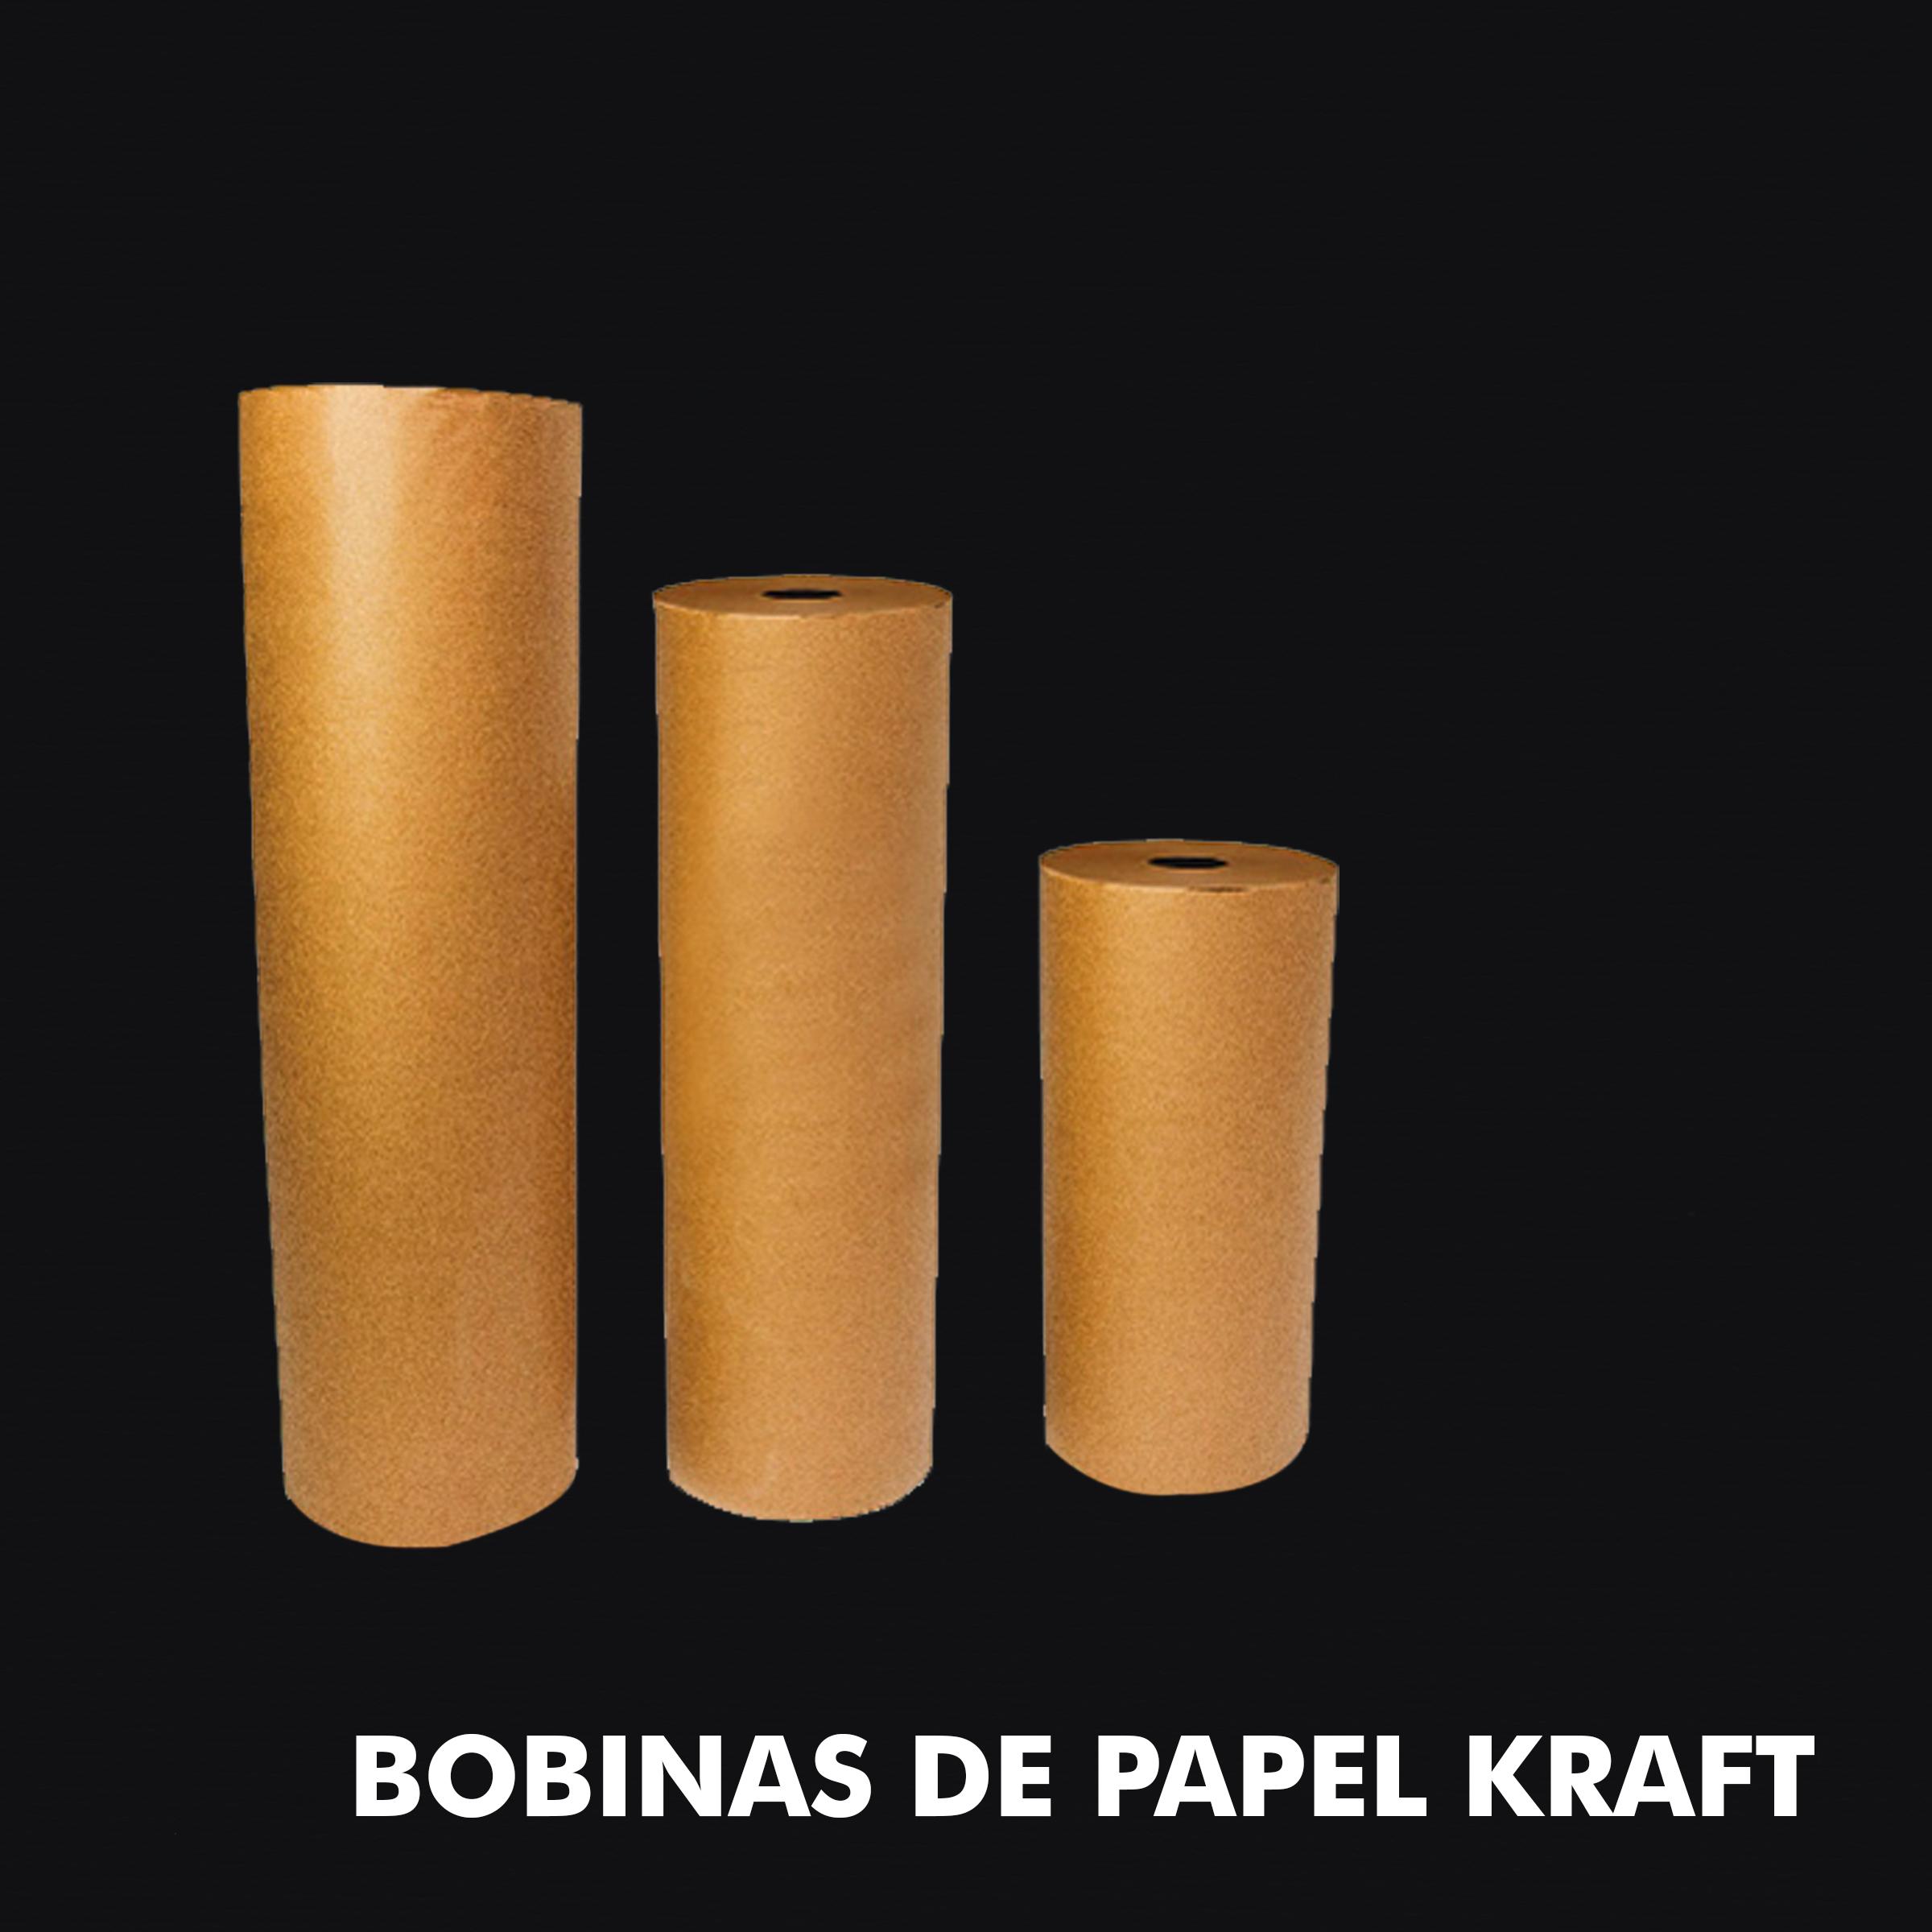 Bobina de Papel Kraft - RF